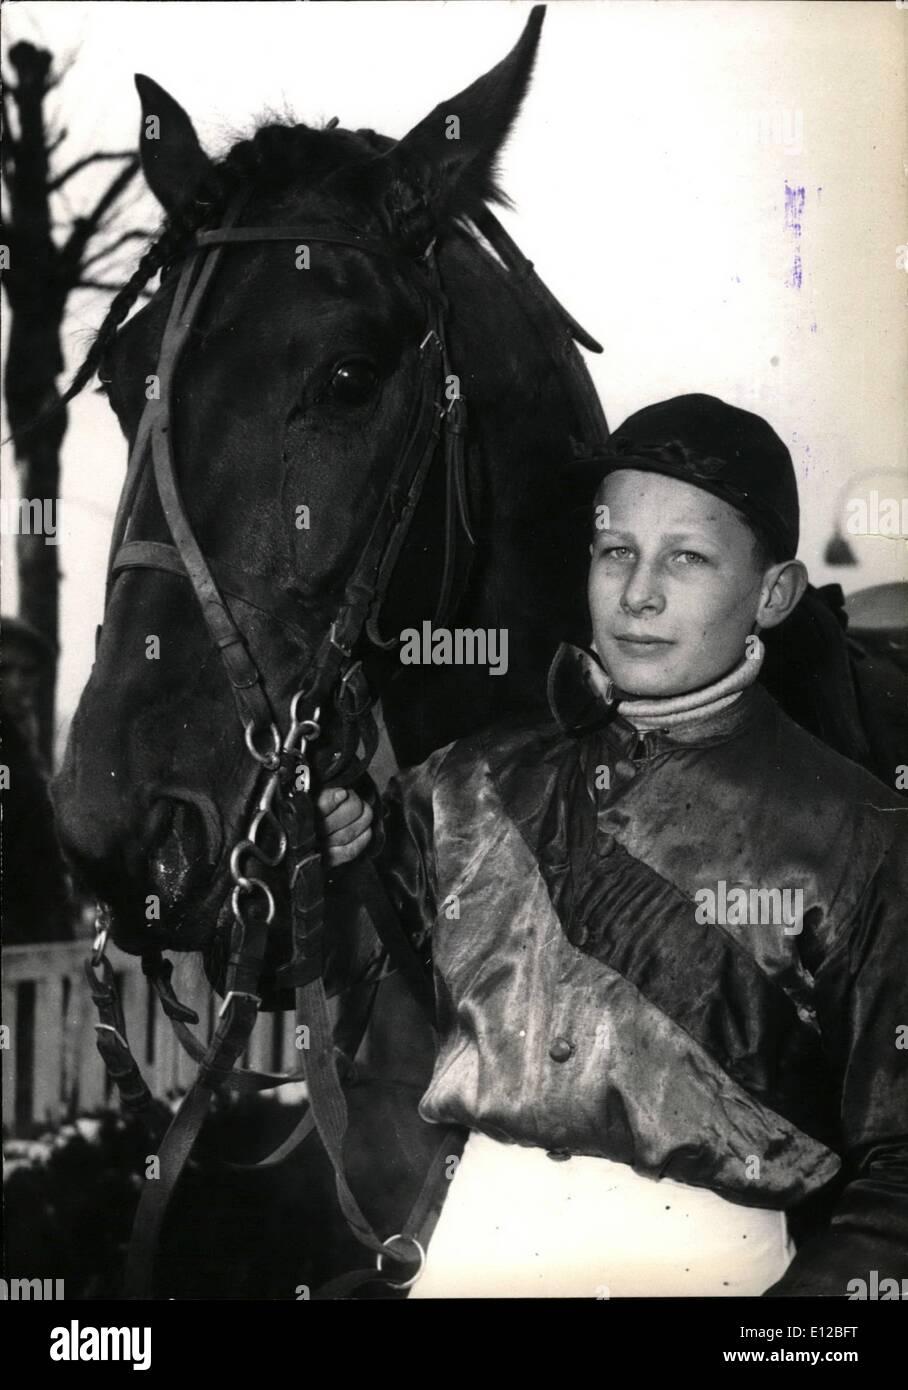 09 déc., 2011 - jockey de 14 ans n'est que de 20 victoires. À 14 ans, Jean-Pierre Dubois est le plus jeune jockey. Il s'élève déjà vingt victoires. Il remporte sa première victoire lorsqu'il n'avait que 12 ans. Il est vu ici à l'Hippodrome de Vincennes. 18/55 fév. Photo Stock